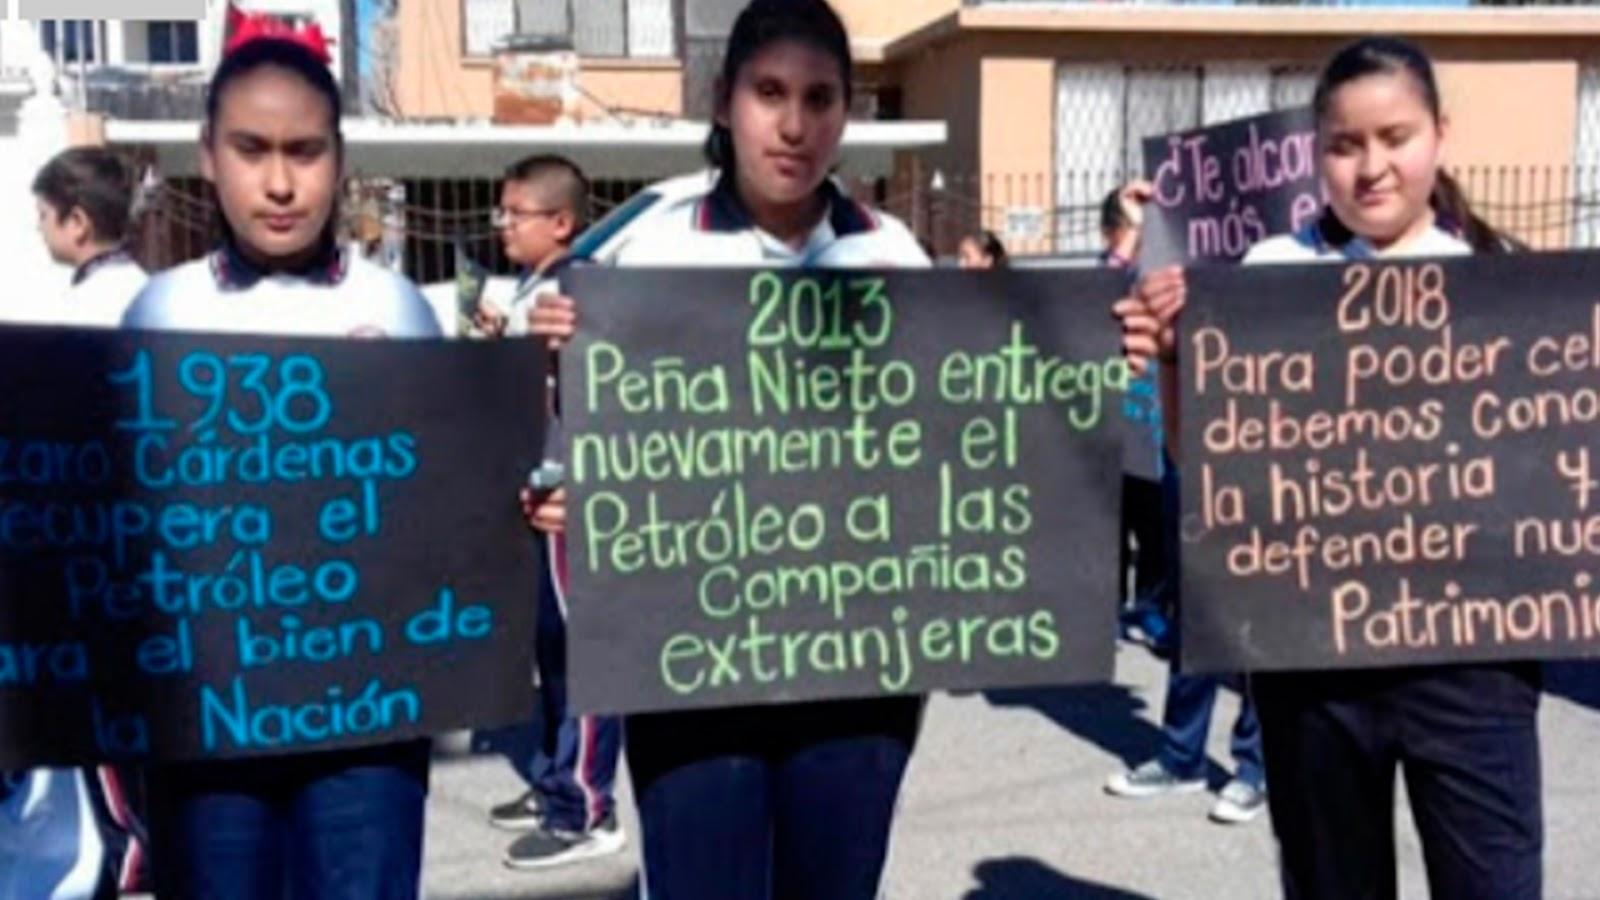 Expulsan a niños de desfile por defender petróleo de México